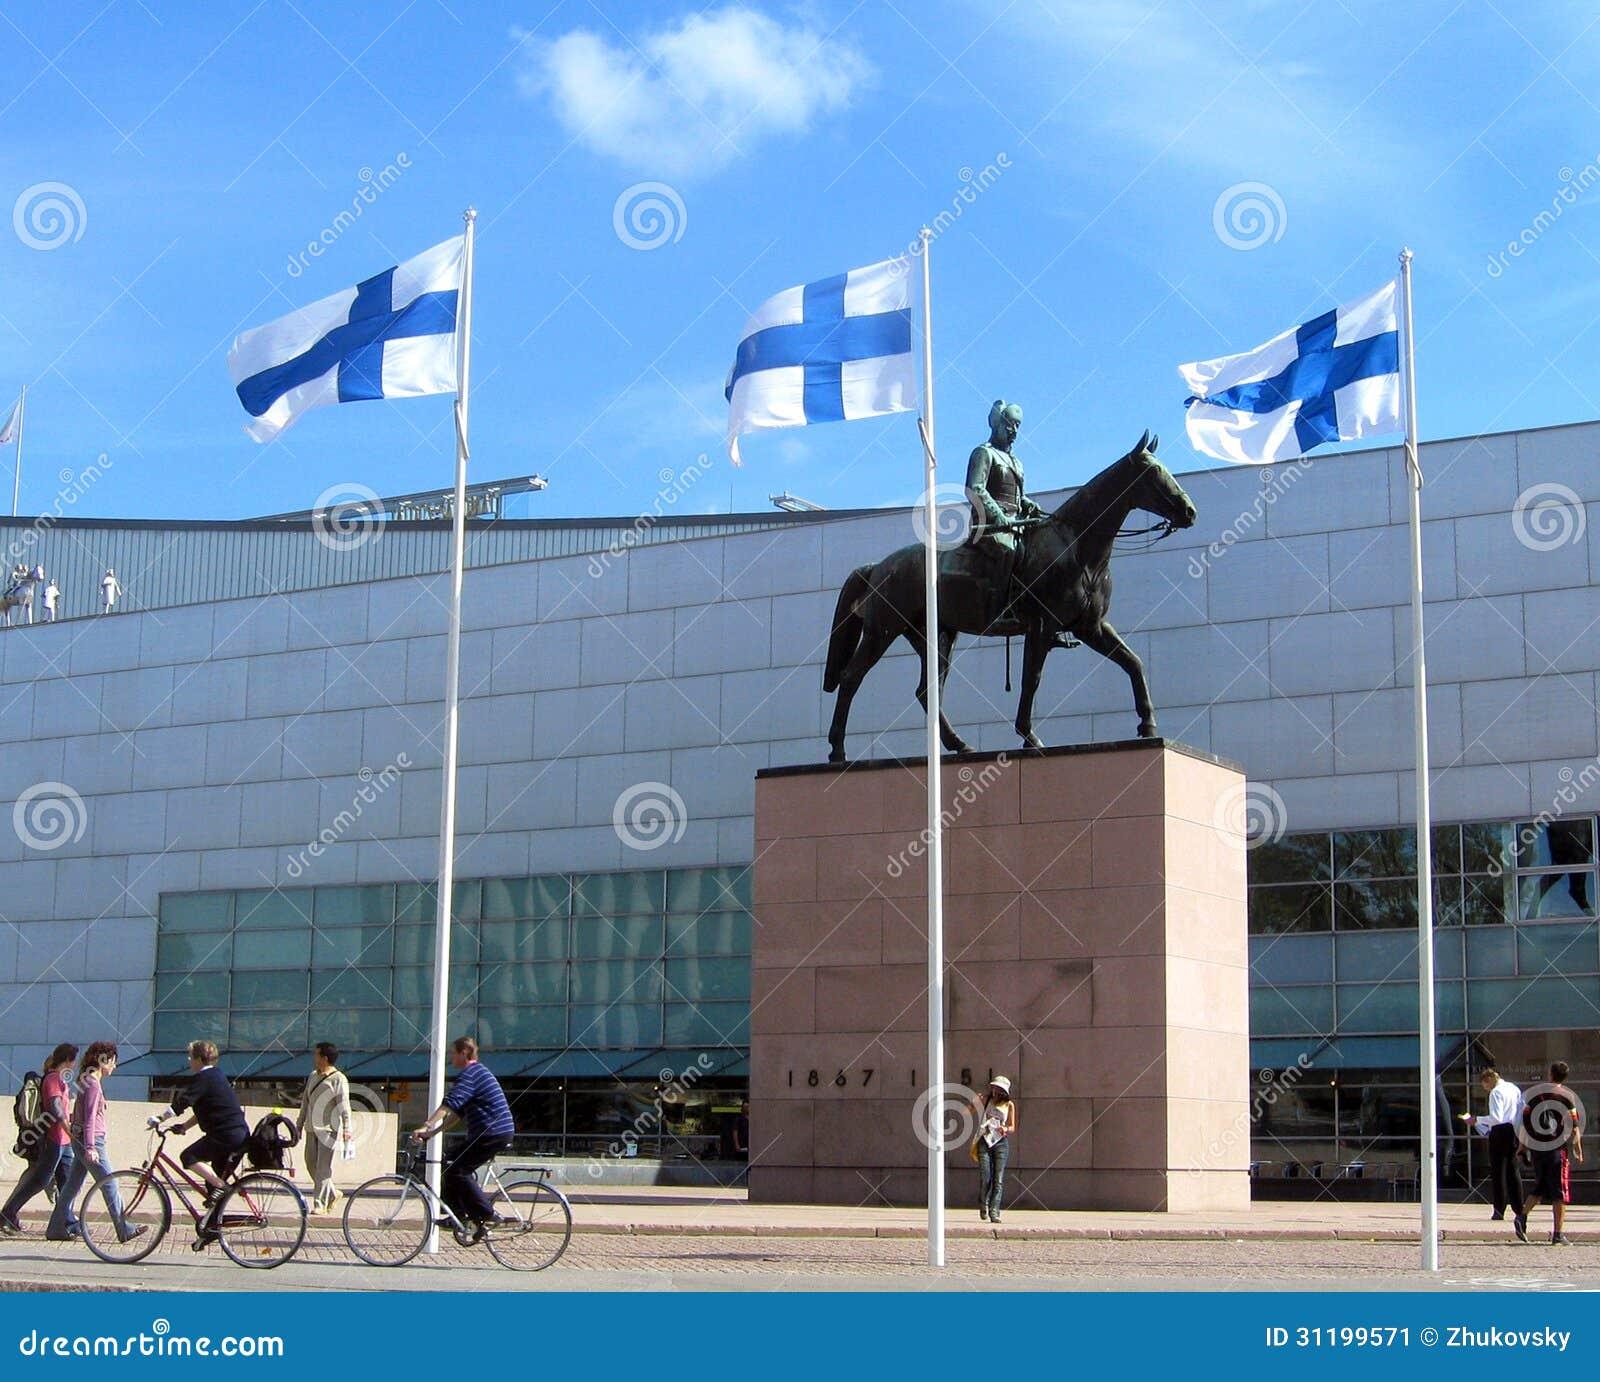 Το διάσημο άγαλμα Mannerheim μπροστά από Kiasma, μουσείο του Ελσίνκι για τη σύγχρονη τέχνη